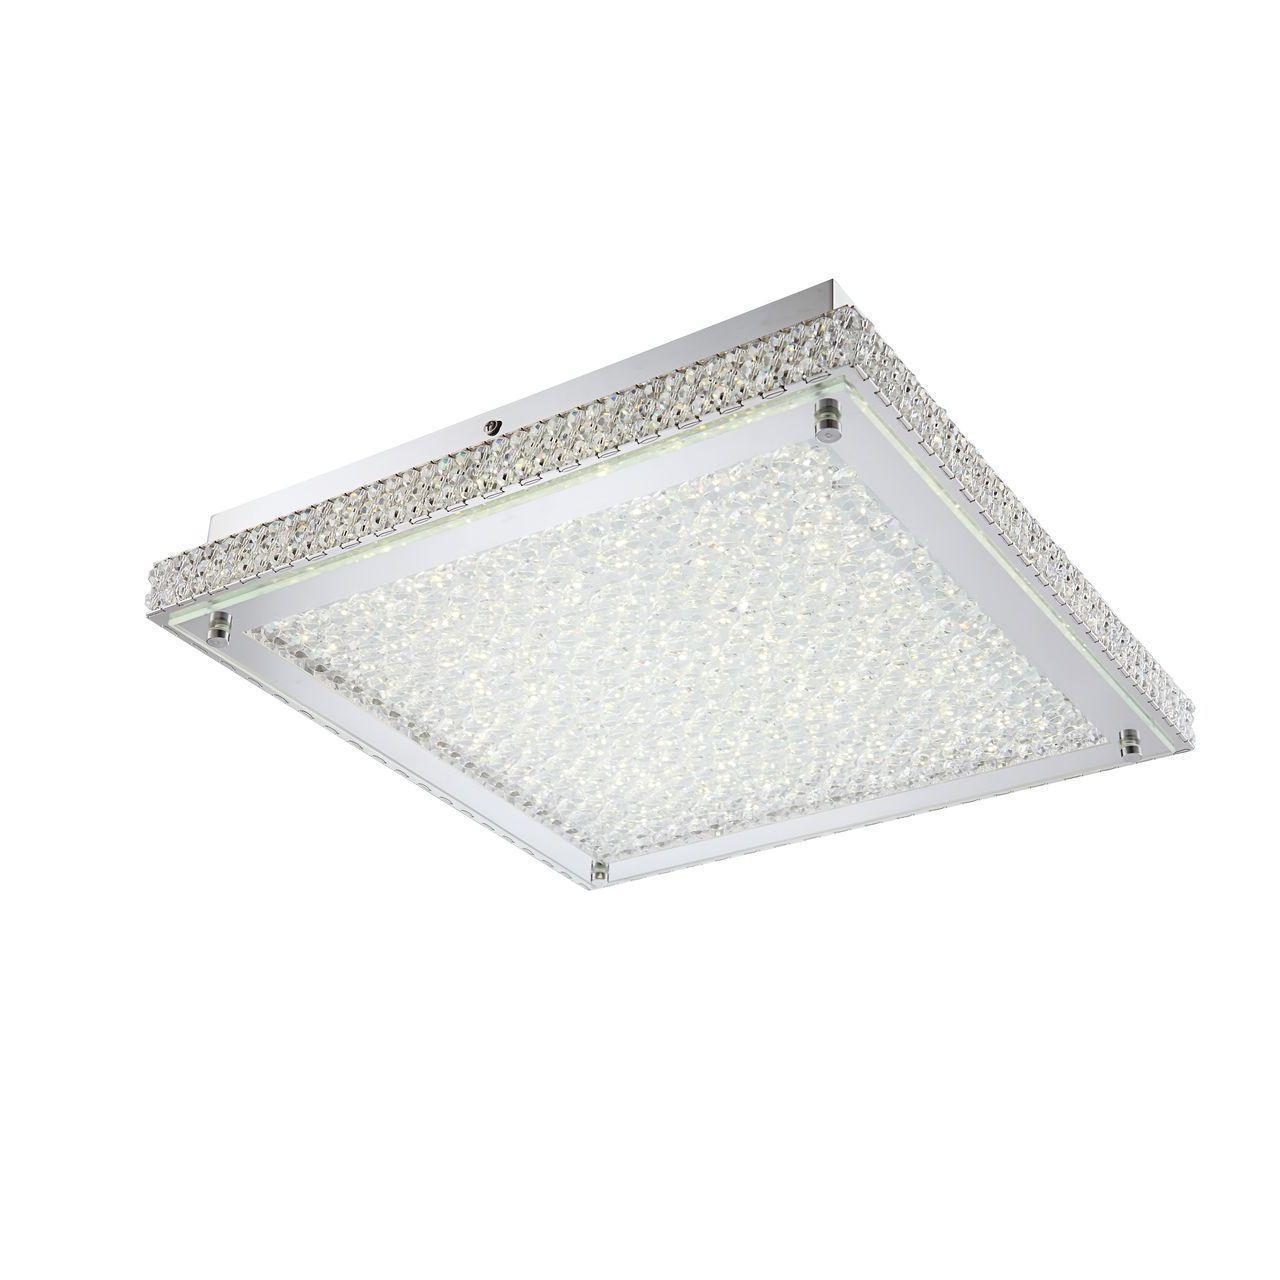 Потолочный светодиодный светильник Globo Curado 49334D